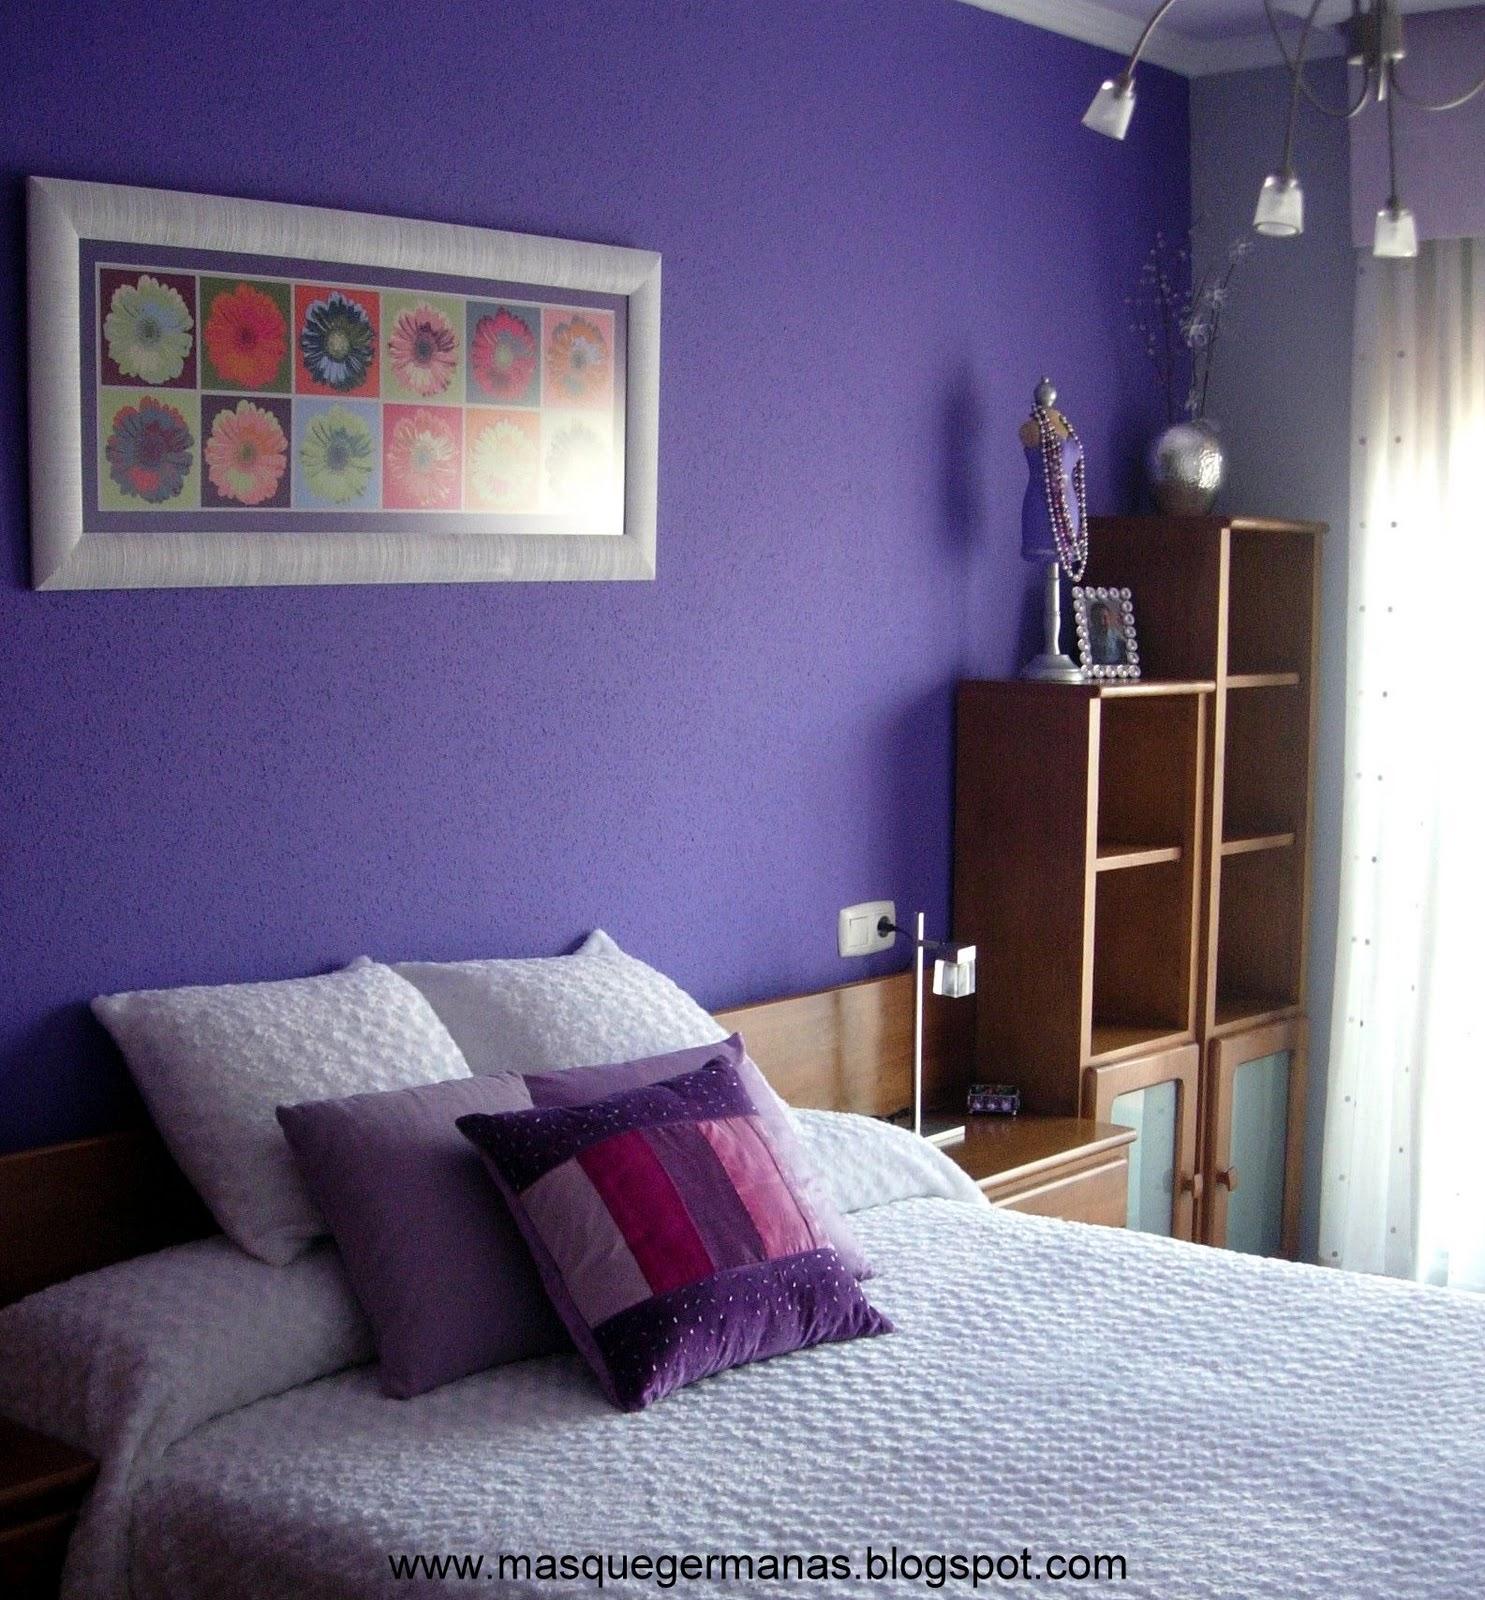 M s que hermanas vinilos y l minas decorativas for Vinilo techo habitacion